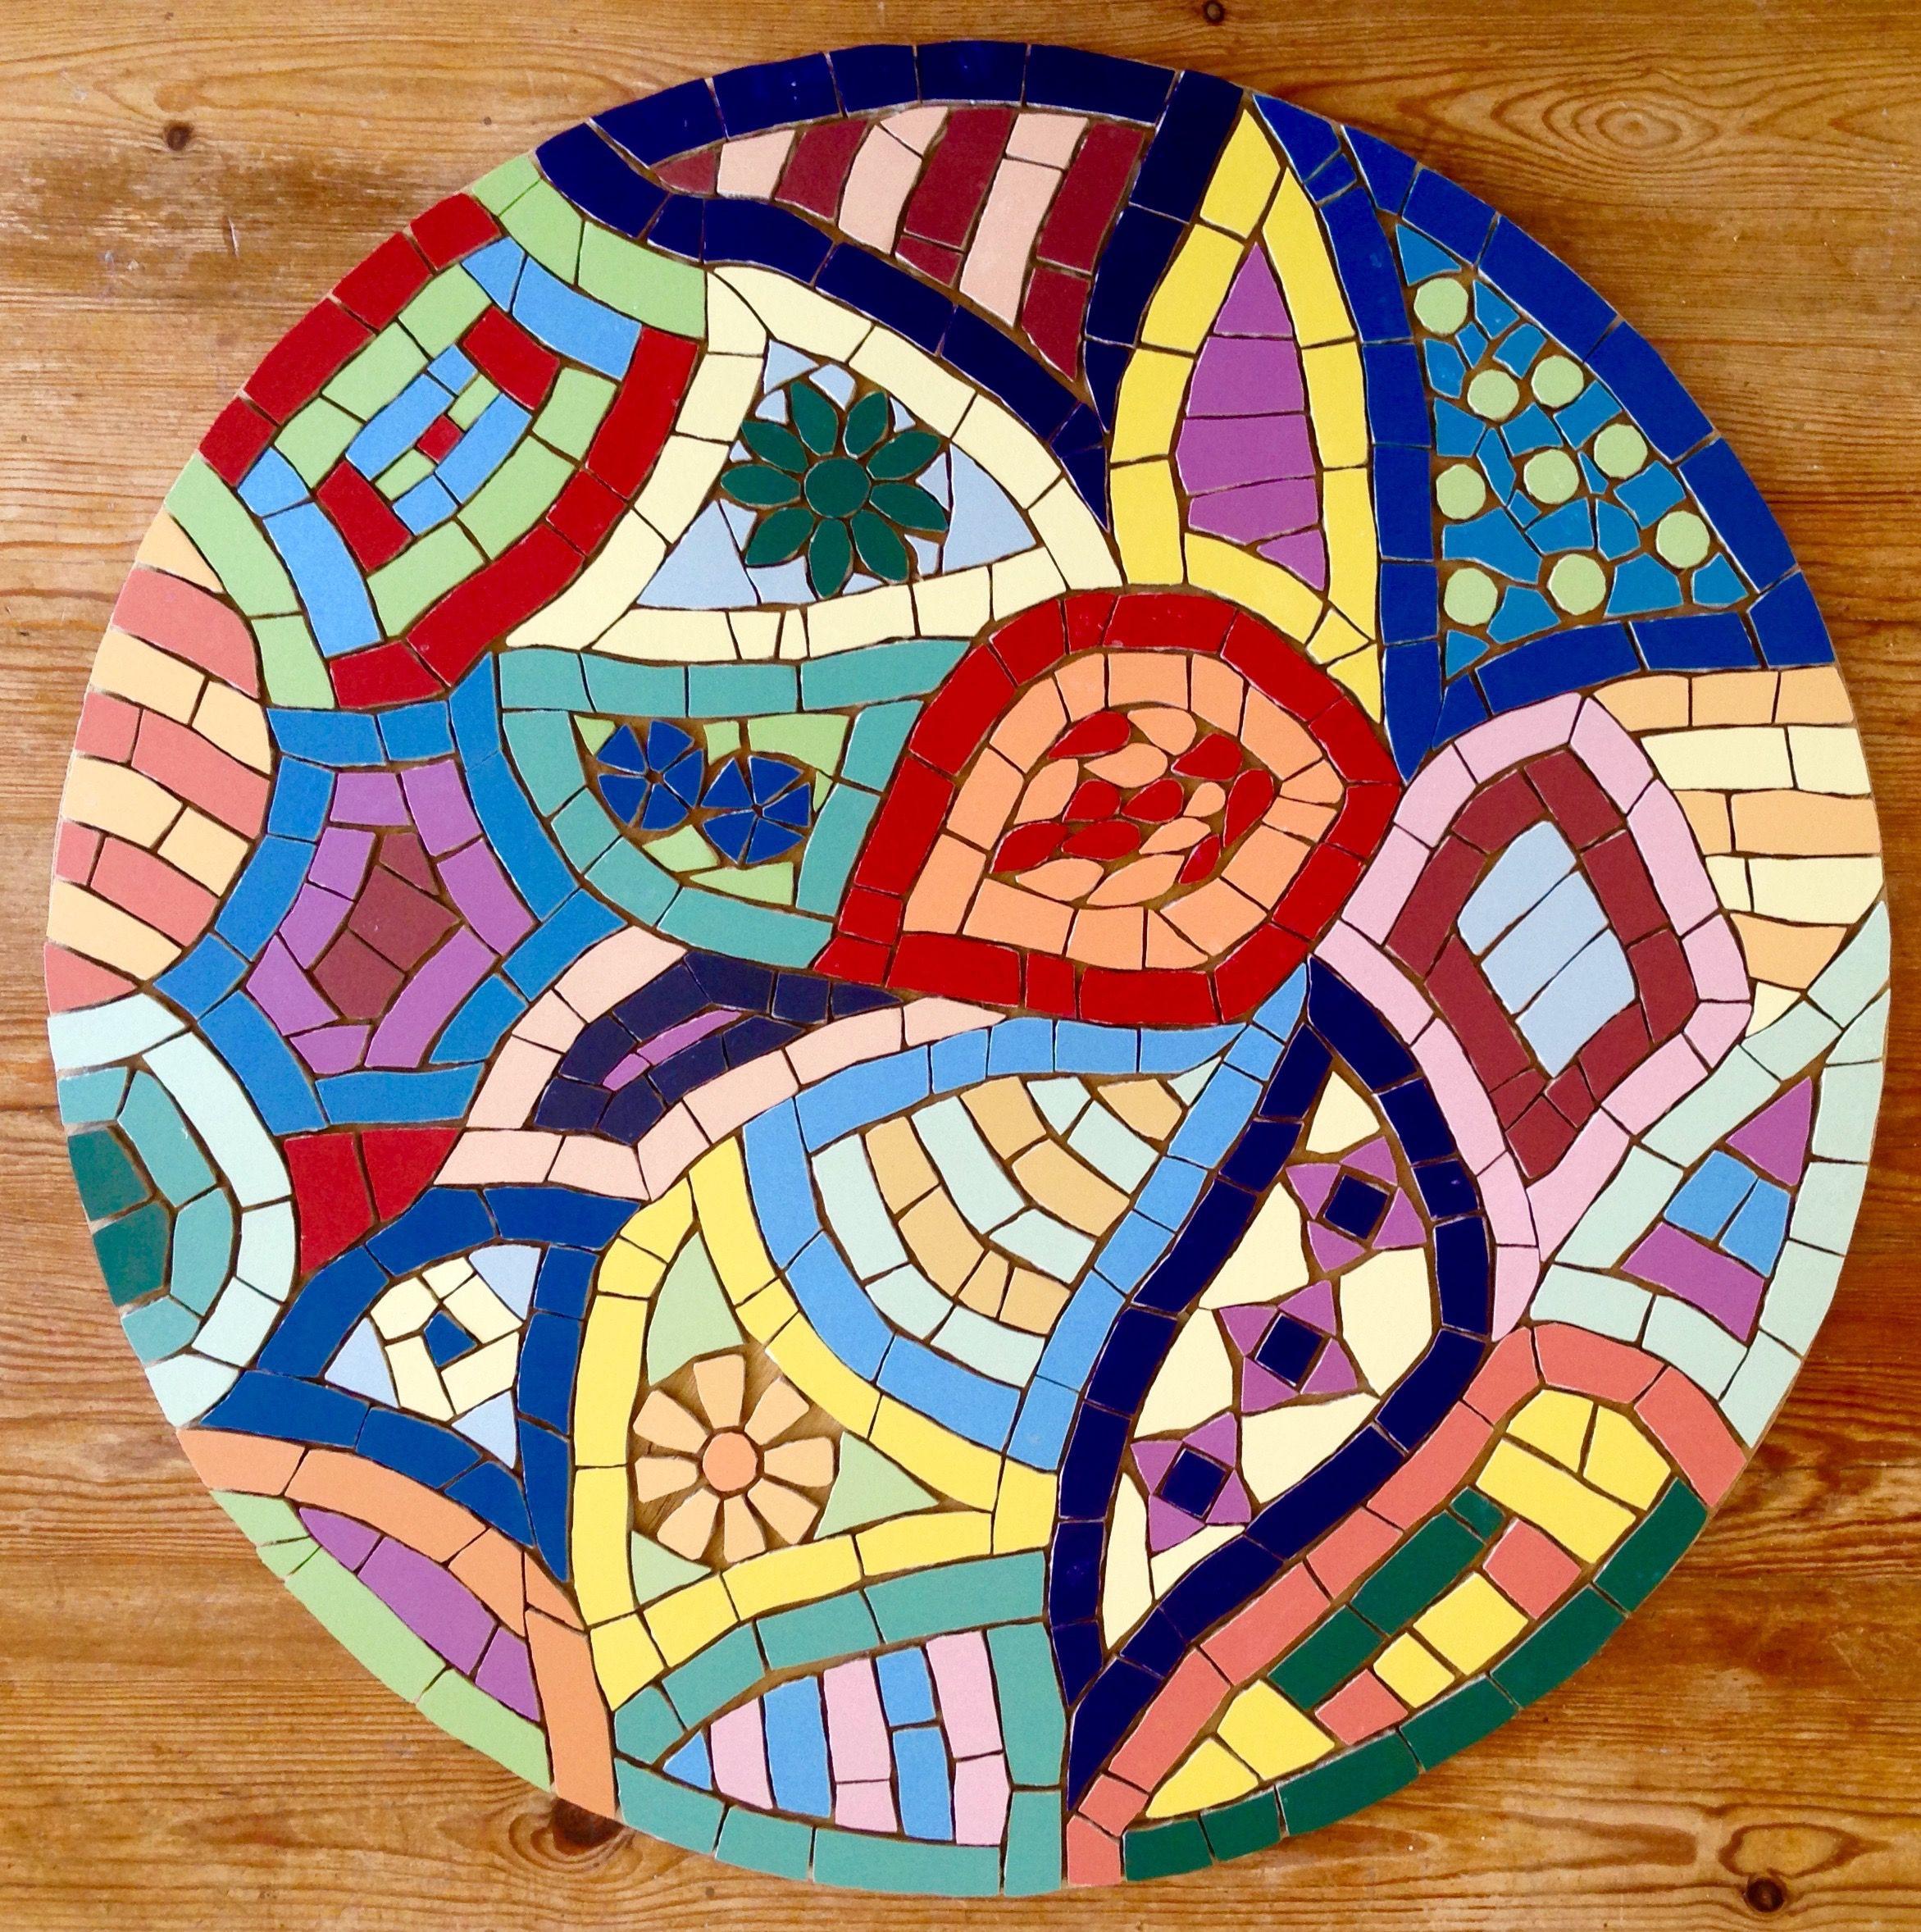 pingl par jutta faithfull sur mosaic pinterest table mosaique et table terrasse. Black Bedroom Furniture Sets. Home Design Ideas